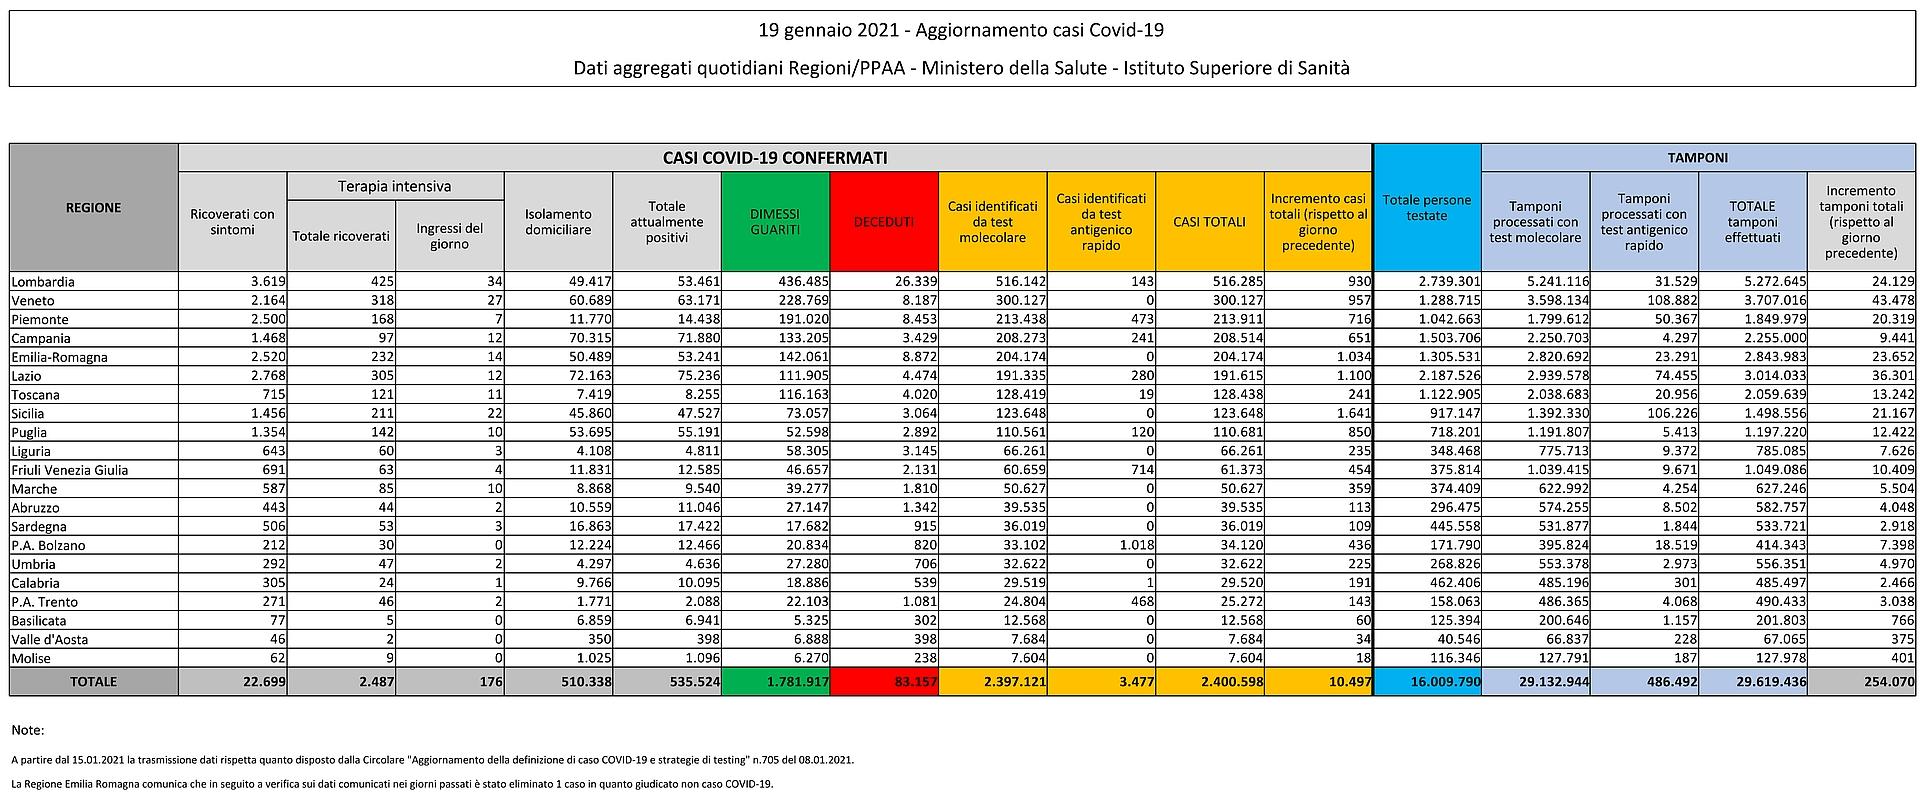 19 gennaio 2021 - Aggiornamento casi Covid-19 Dati aggregati quotidiani Regioni/PPAA - Ministero della Salute - Istituto Superiore di Sanità